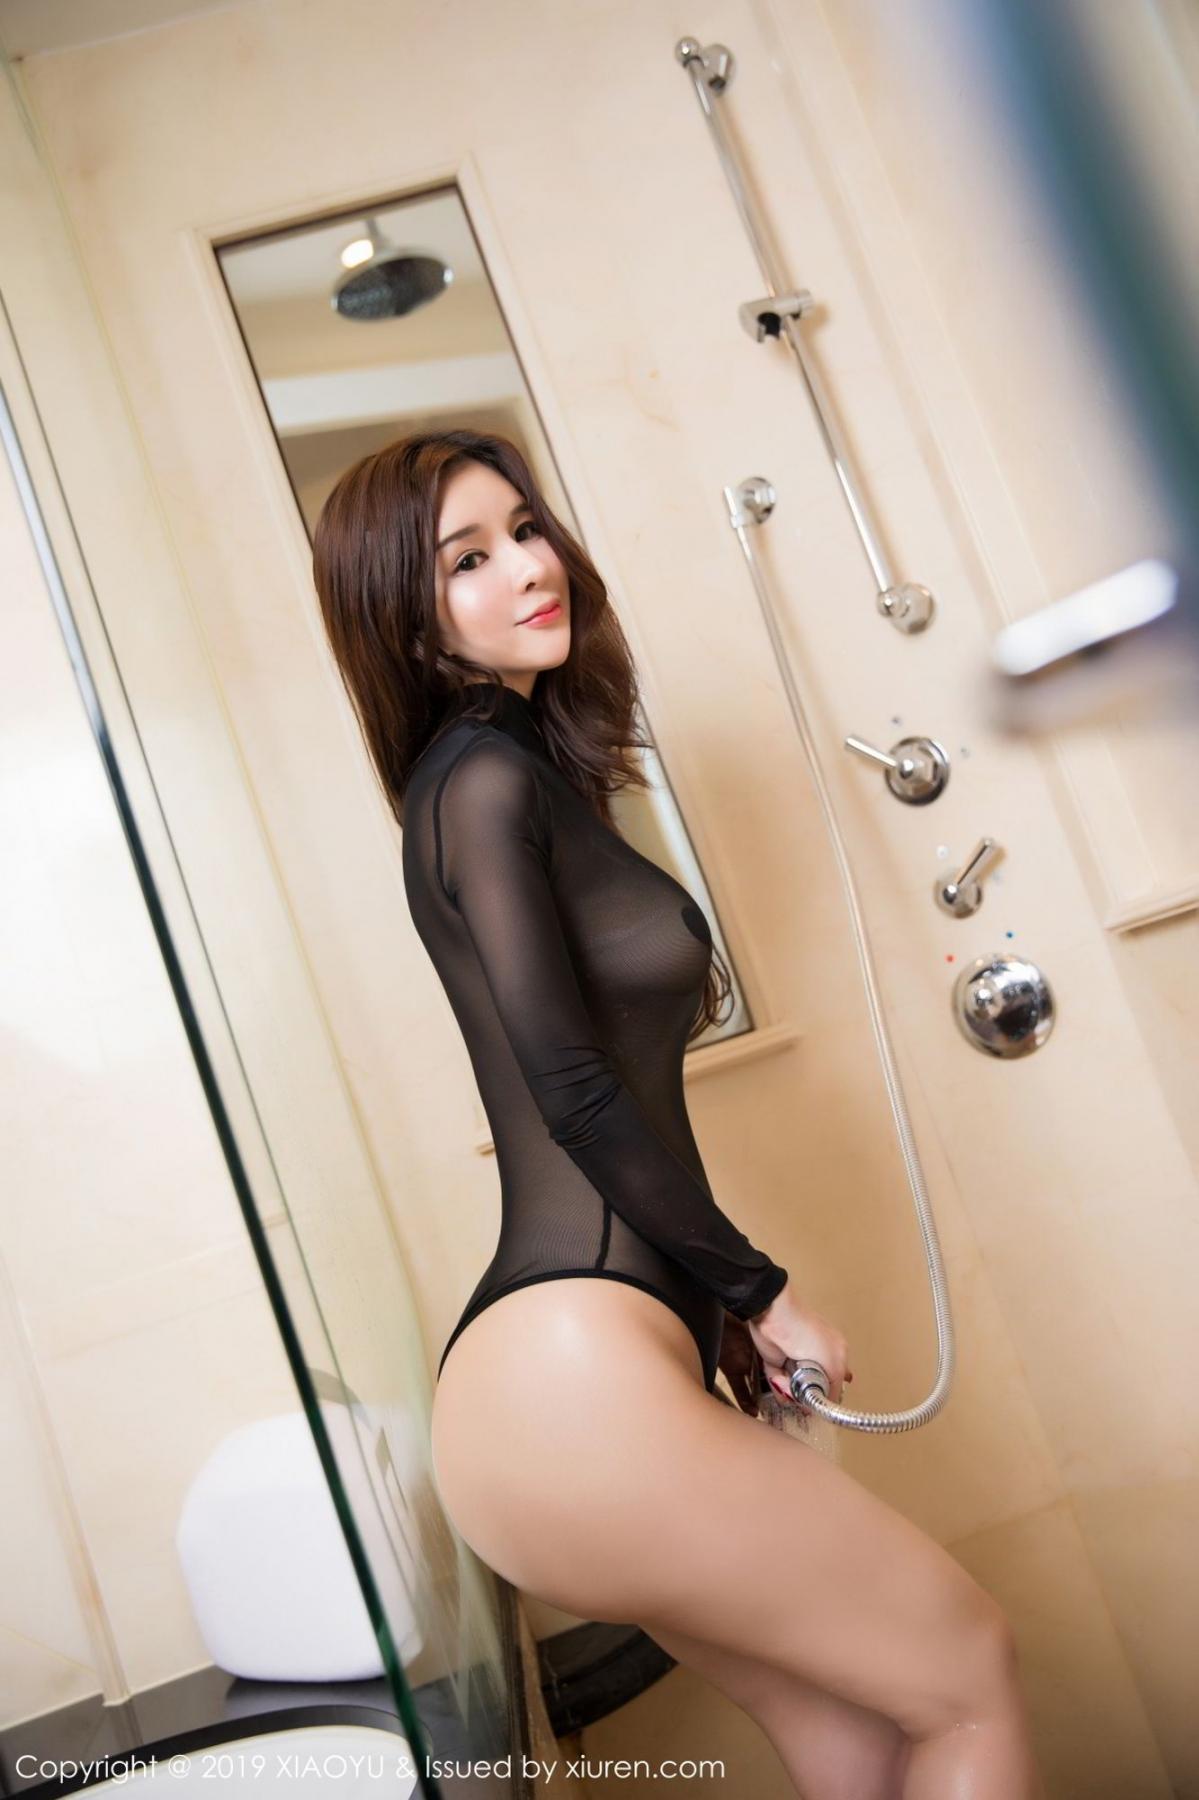 [XiaoYu] Vol.091 Chun Xiao Xi 47P, Bathroom, Chun Xiao Xi, Wet, XiaoYu